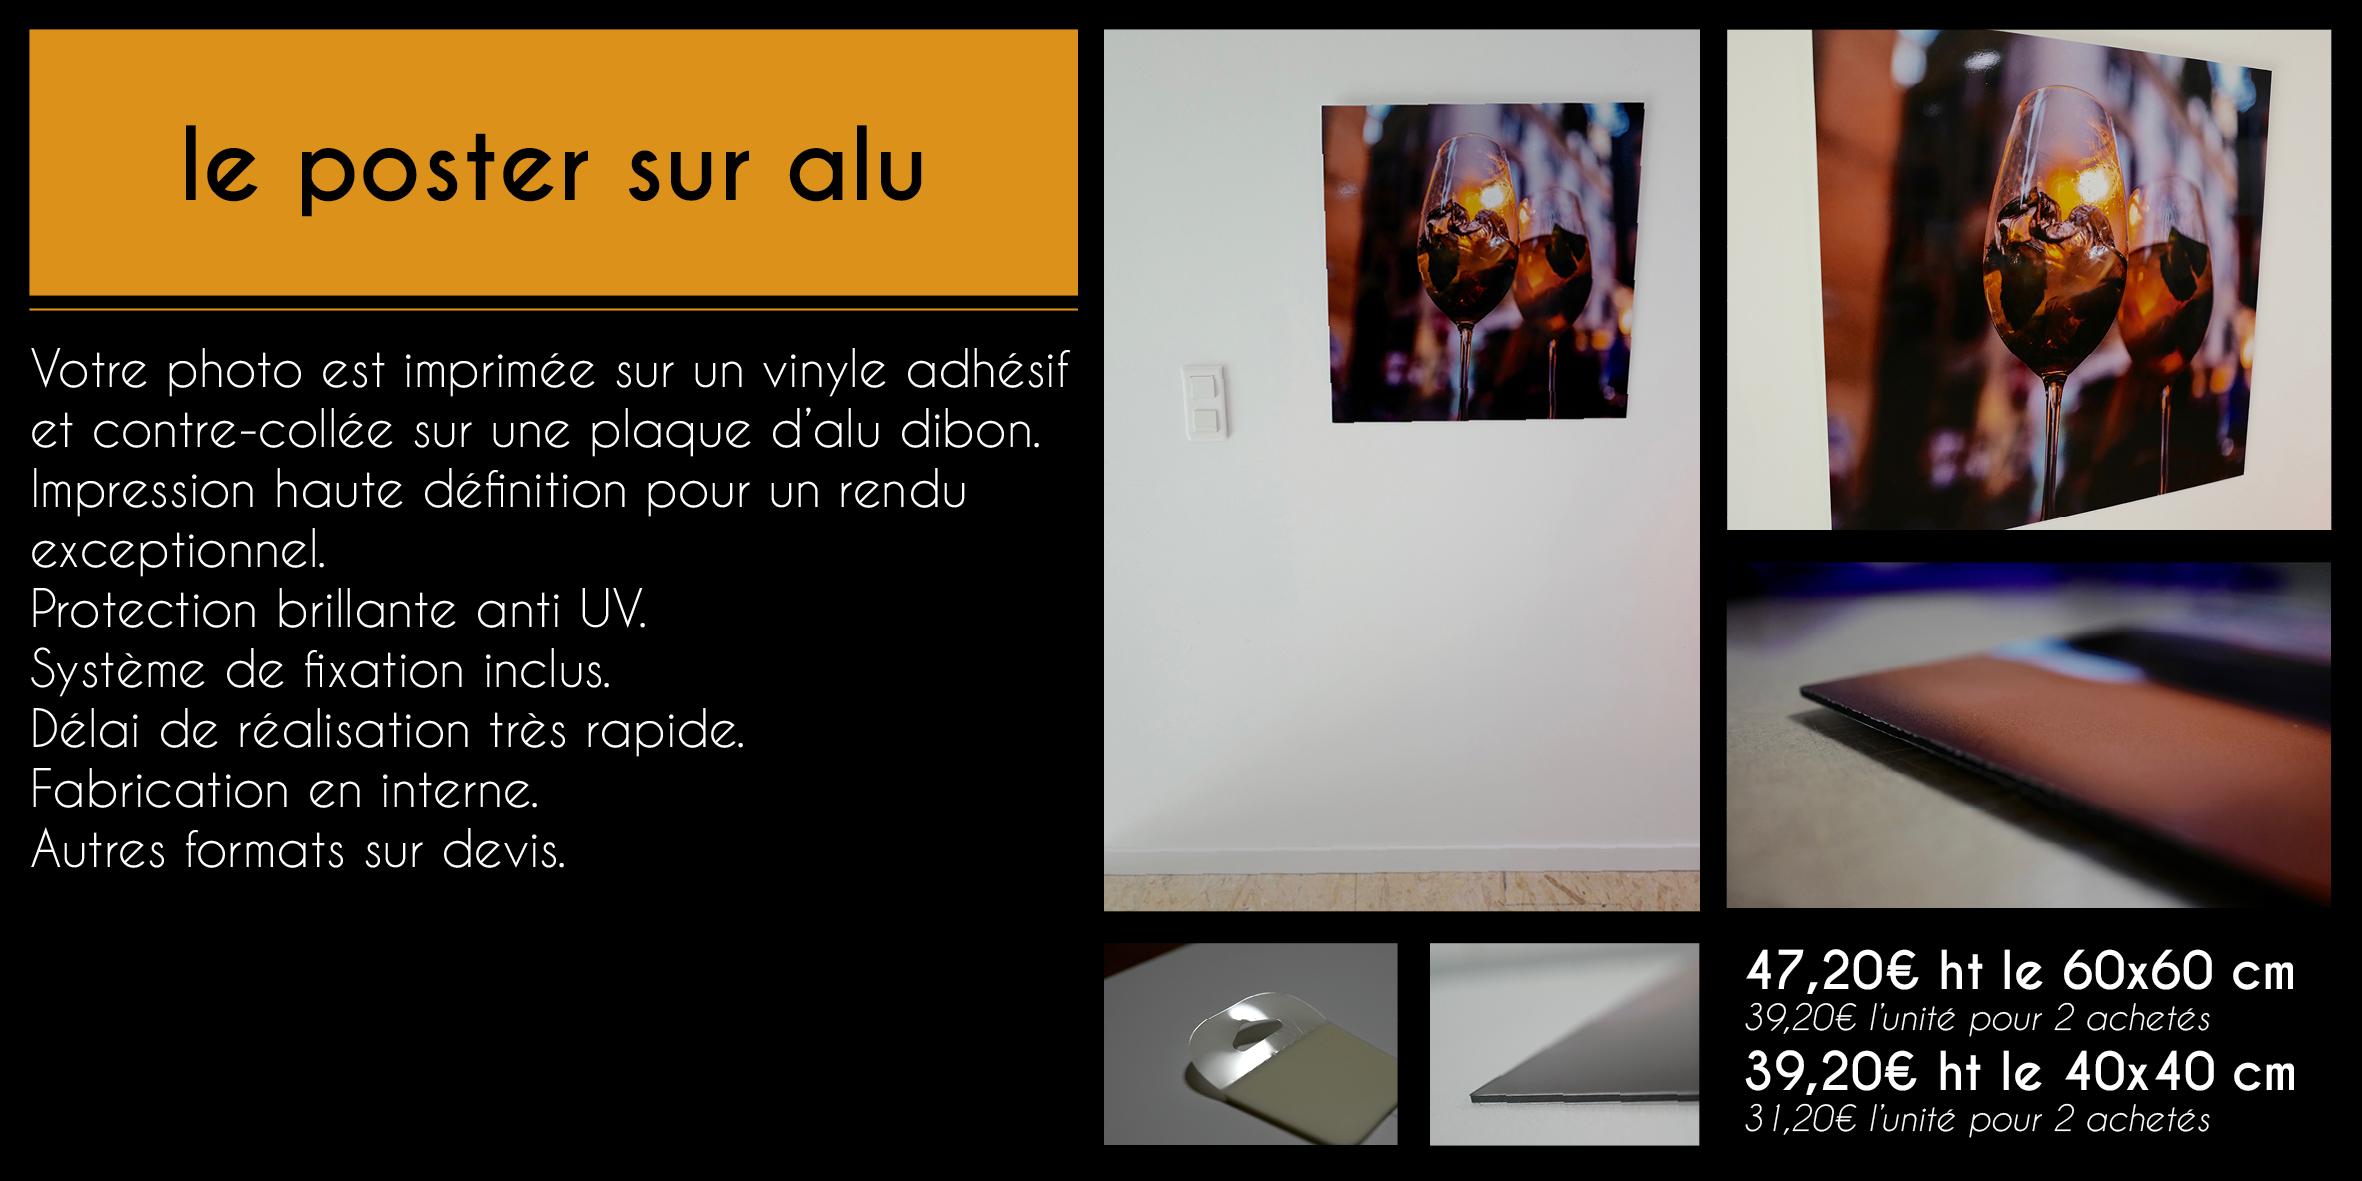 promo-poster-alu-pour-site